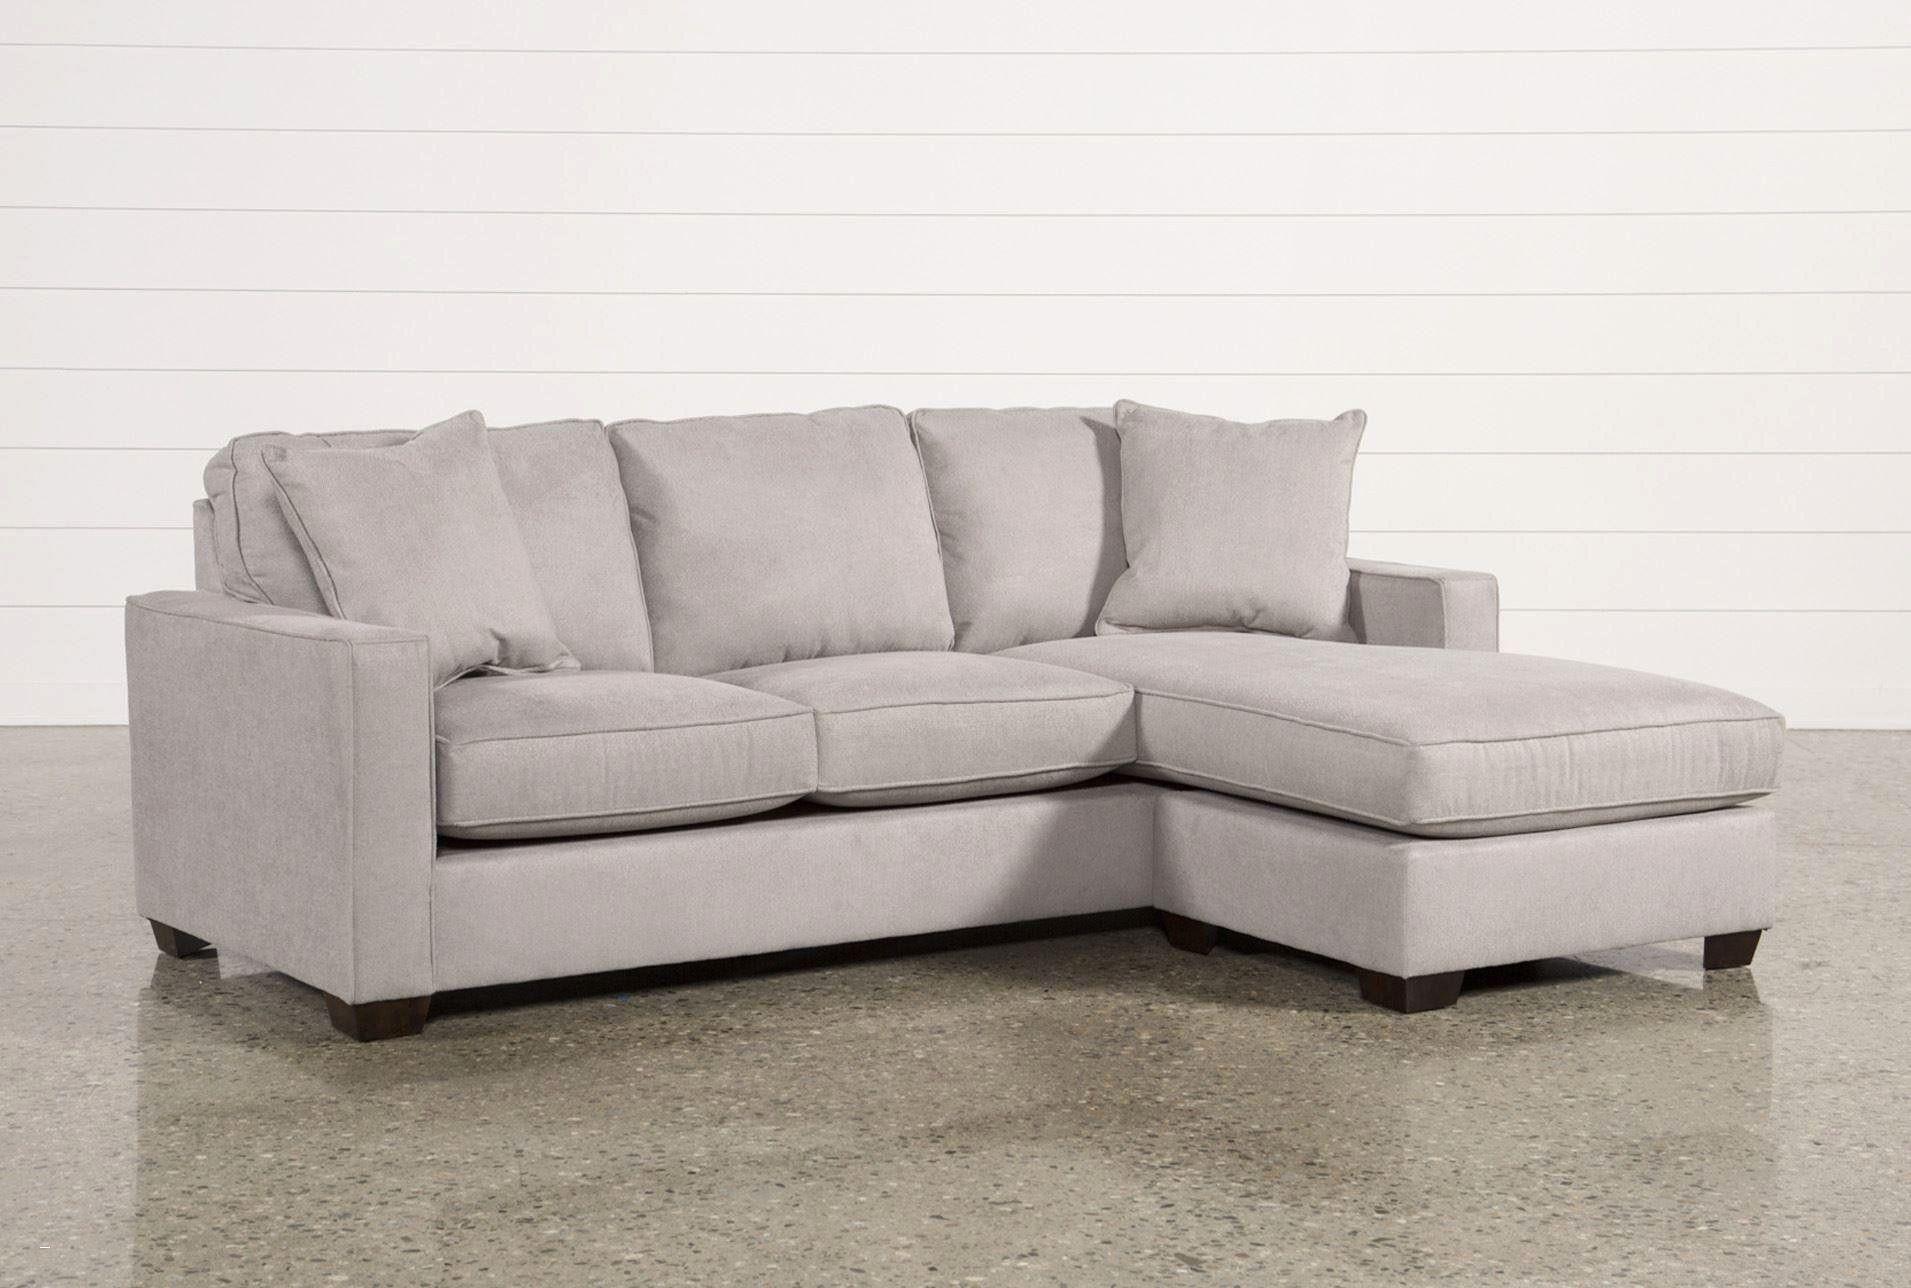 30 Neue Wildleder Sectional Sofas Couch Gunstig Leder Wohnzimmer Bestes Schlafsofa